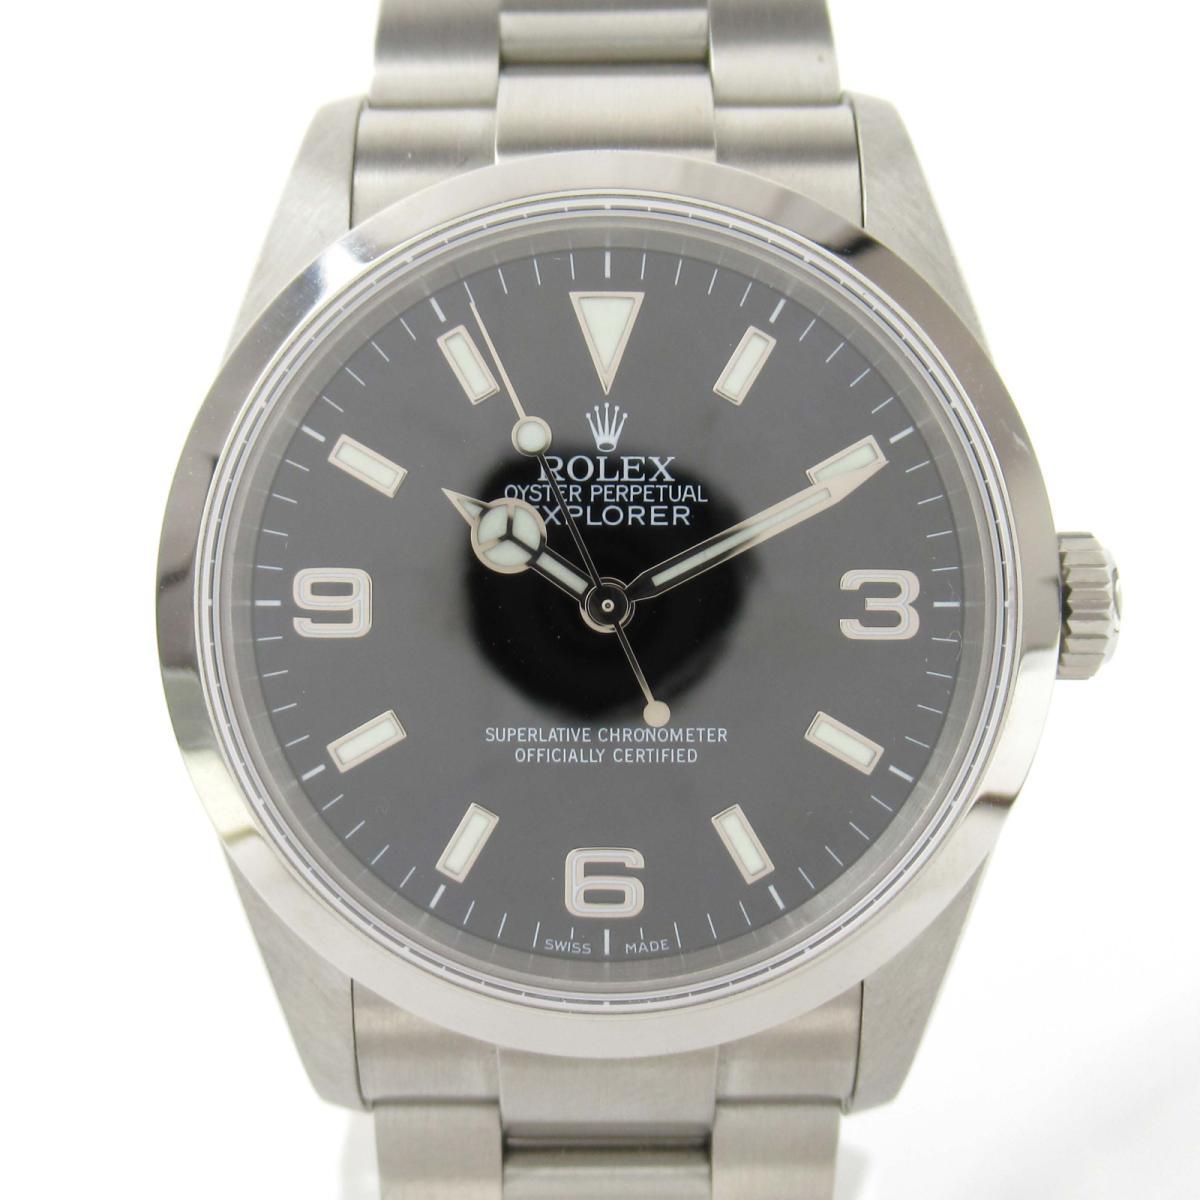 【中古】 ロレックス エクスプローラー? ウォッチ 腕時計 メンズ ステンレススチール (SS) (114270 Z番) | ROLEX BRANDOFF ブランドオフ ブランド ブランド時計 ブランド腕時計 時計